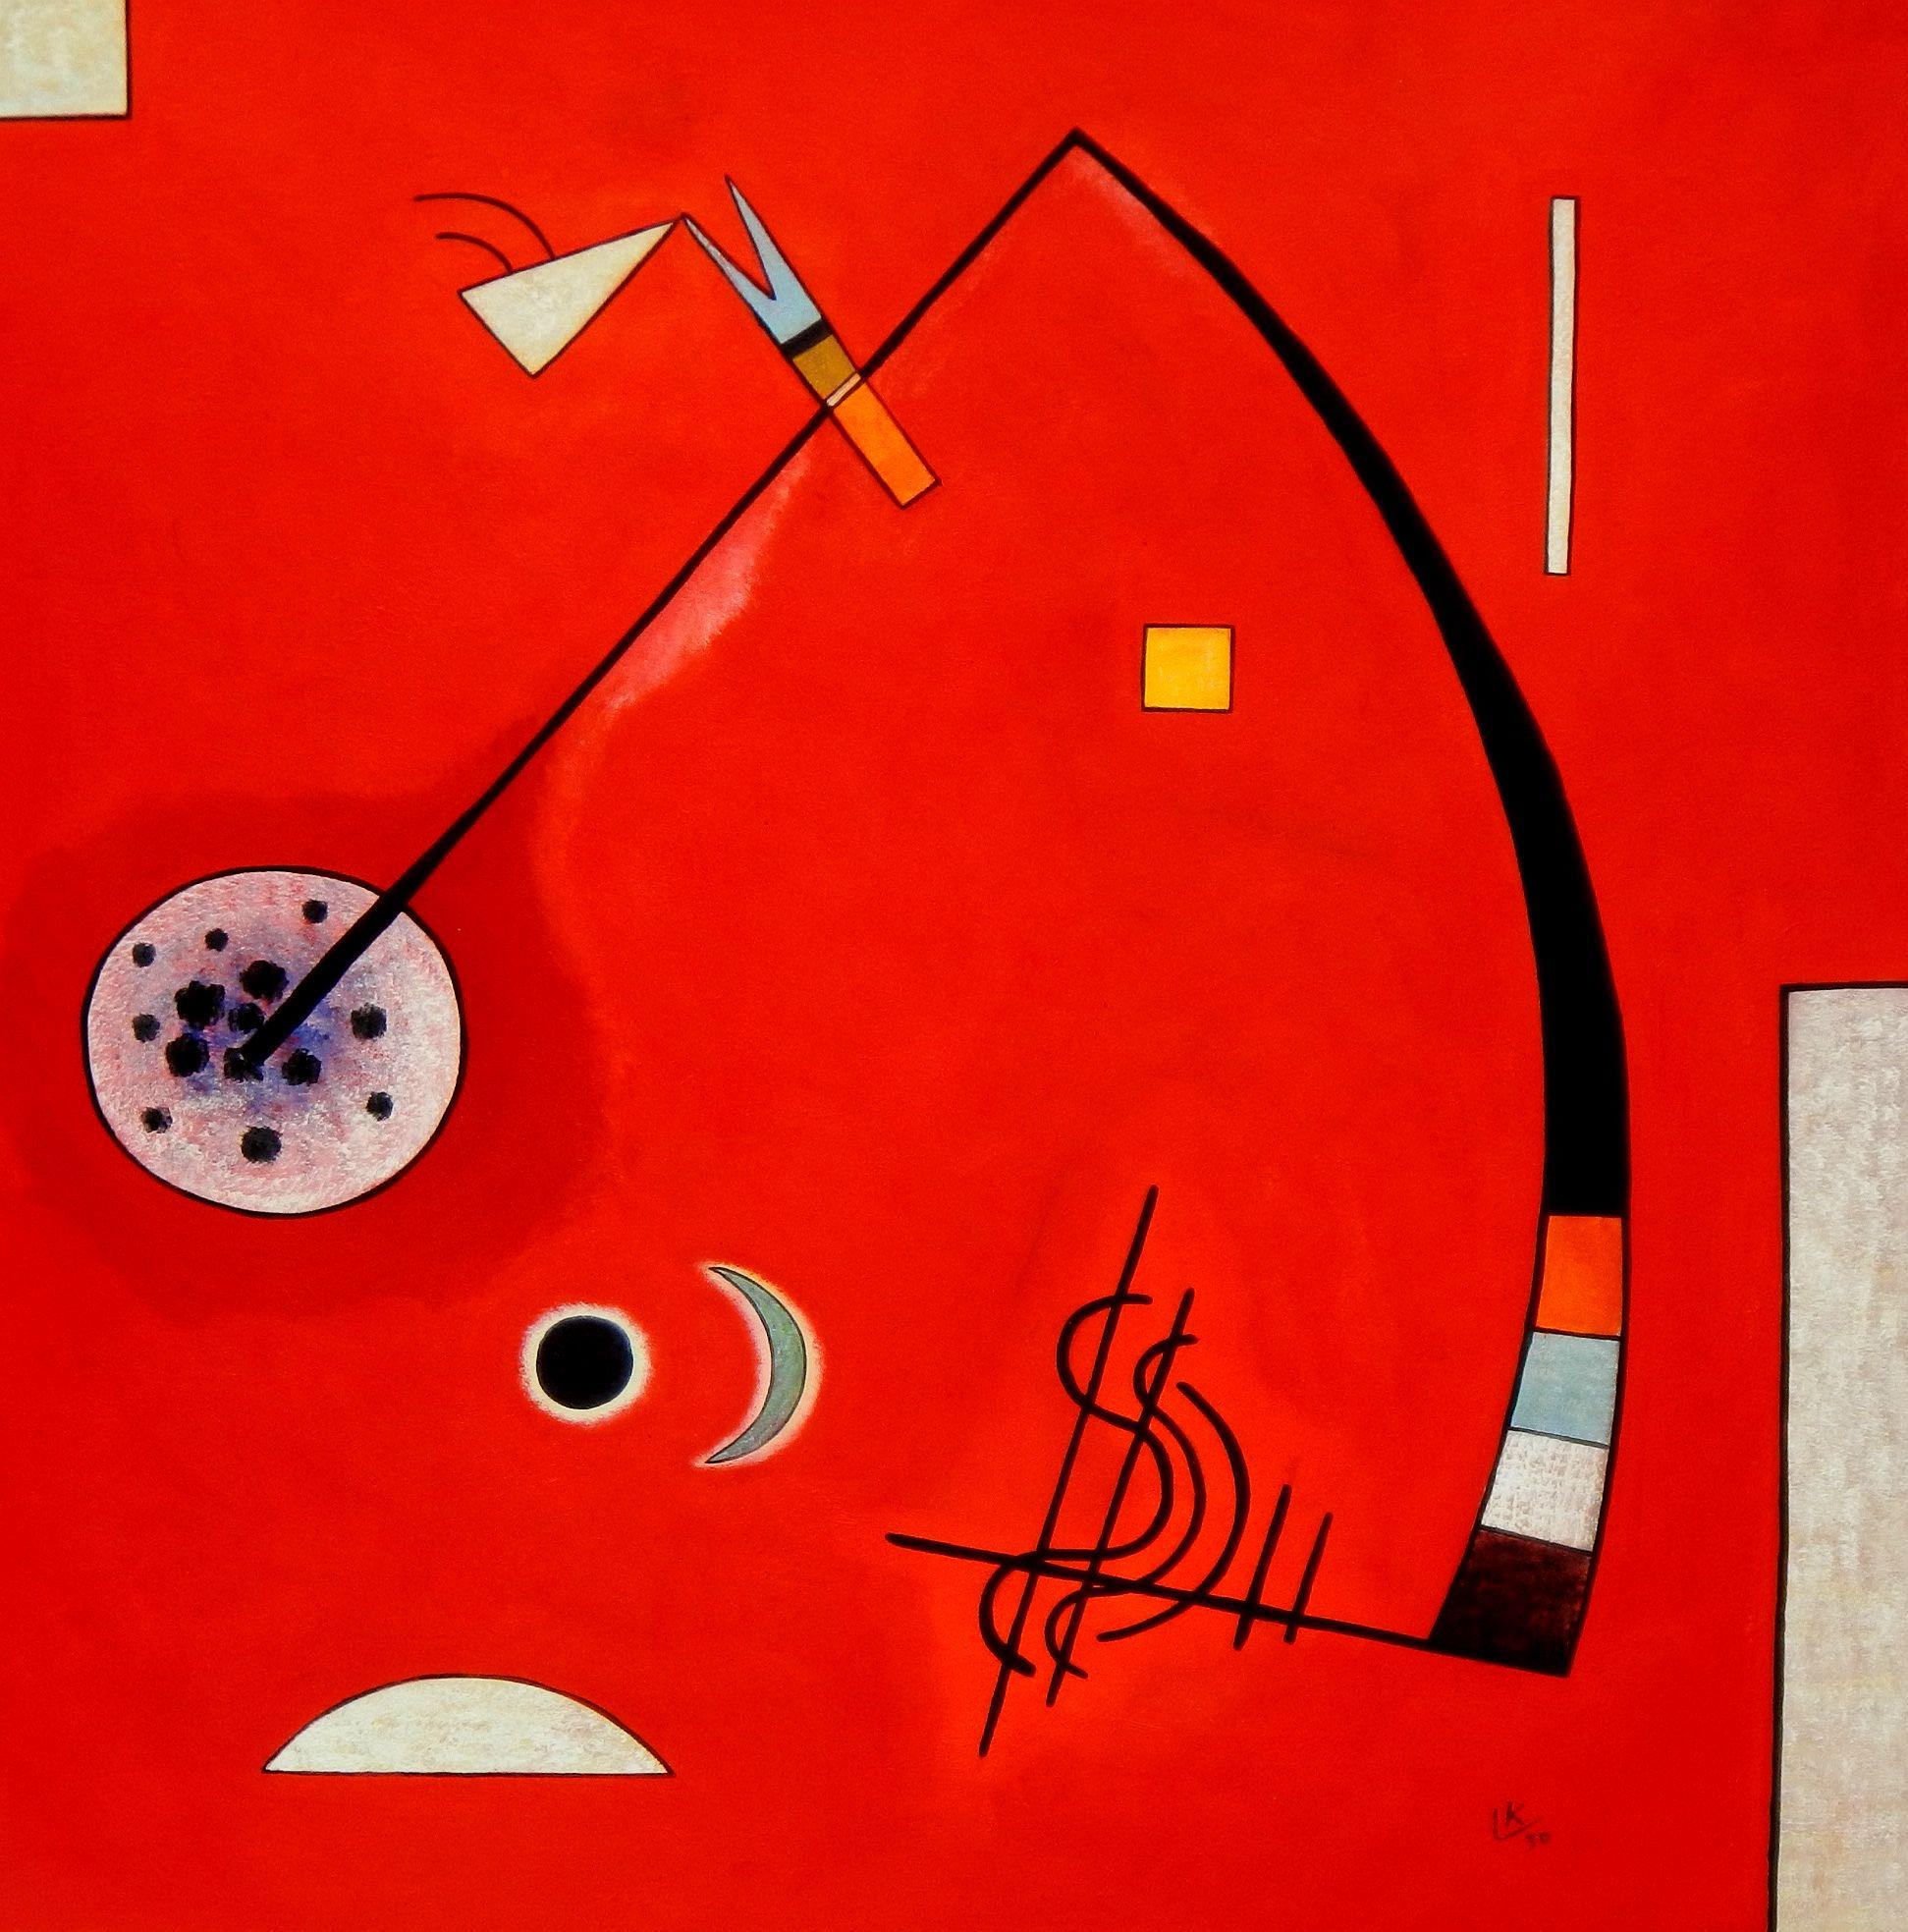 Wassily Kandinsky - Spannung in der Ecke m95030 120x120cm lustiges Ölbild